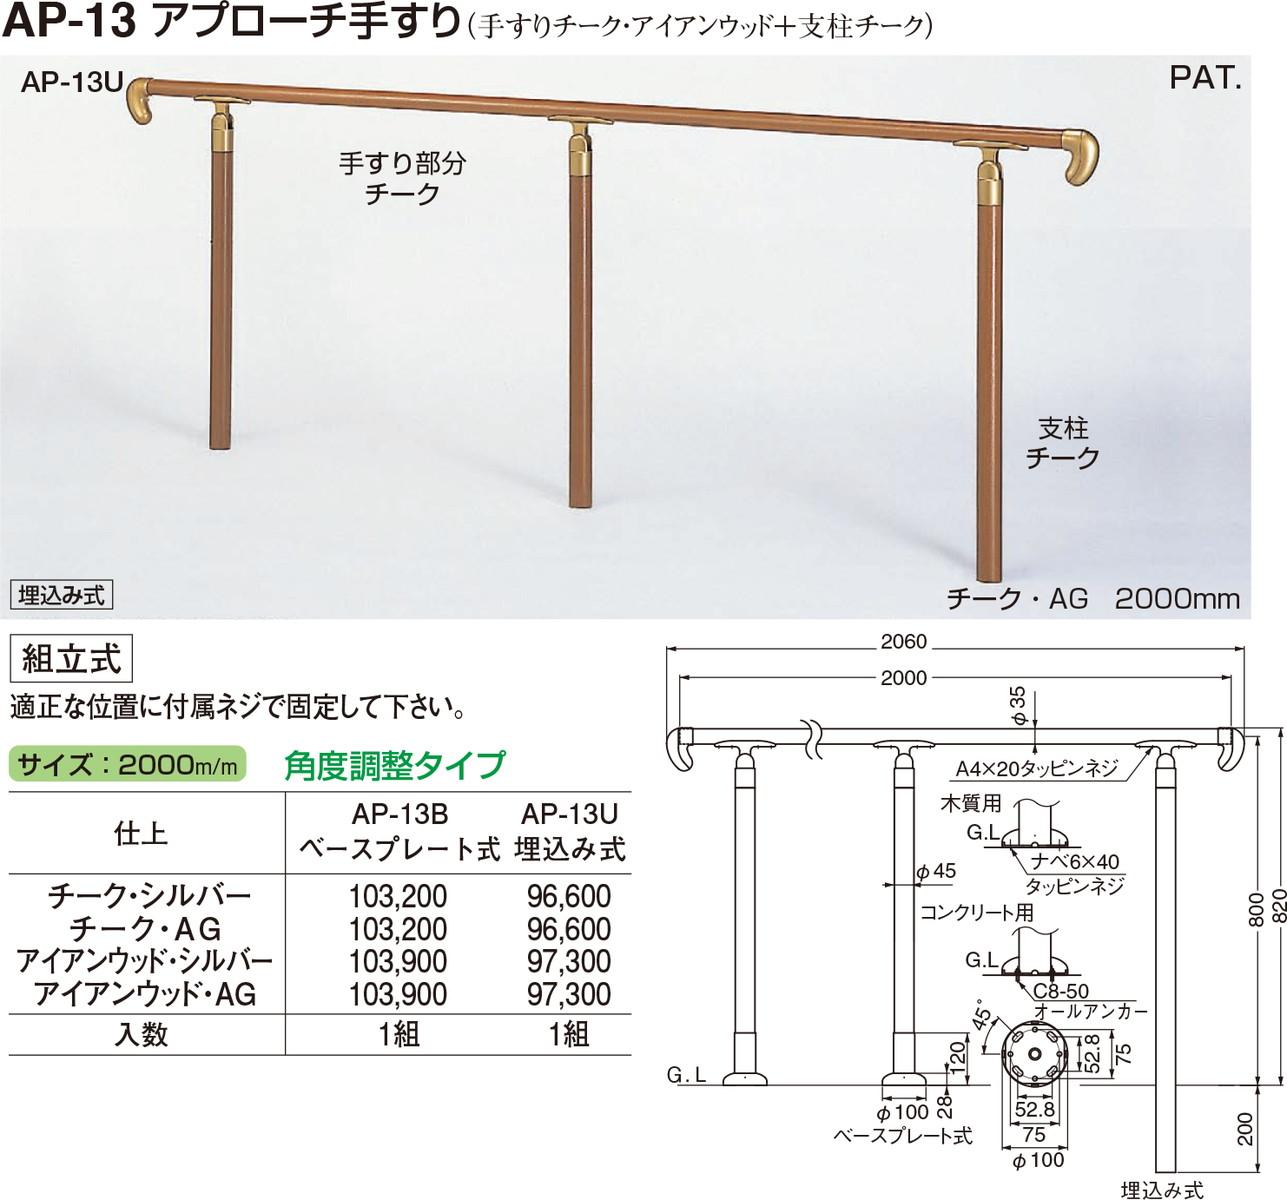 【シロクマ】アプローチ手すり(埋込) AP-13U アイアンウッド・AG